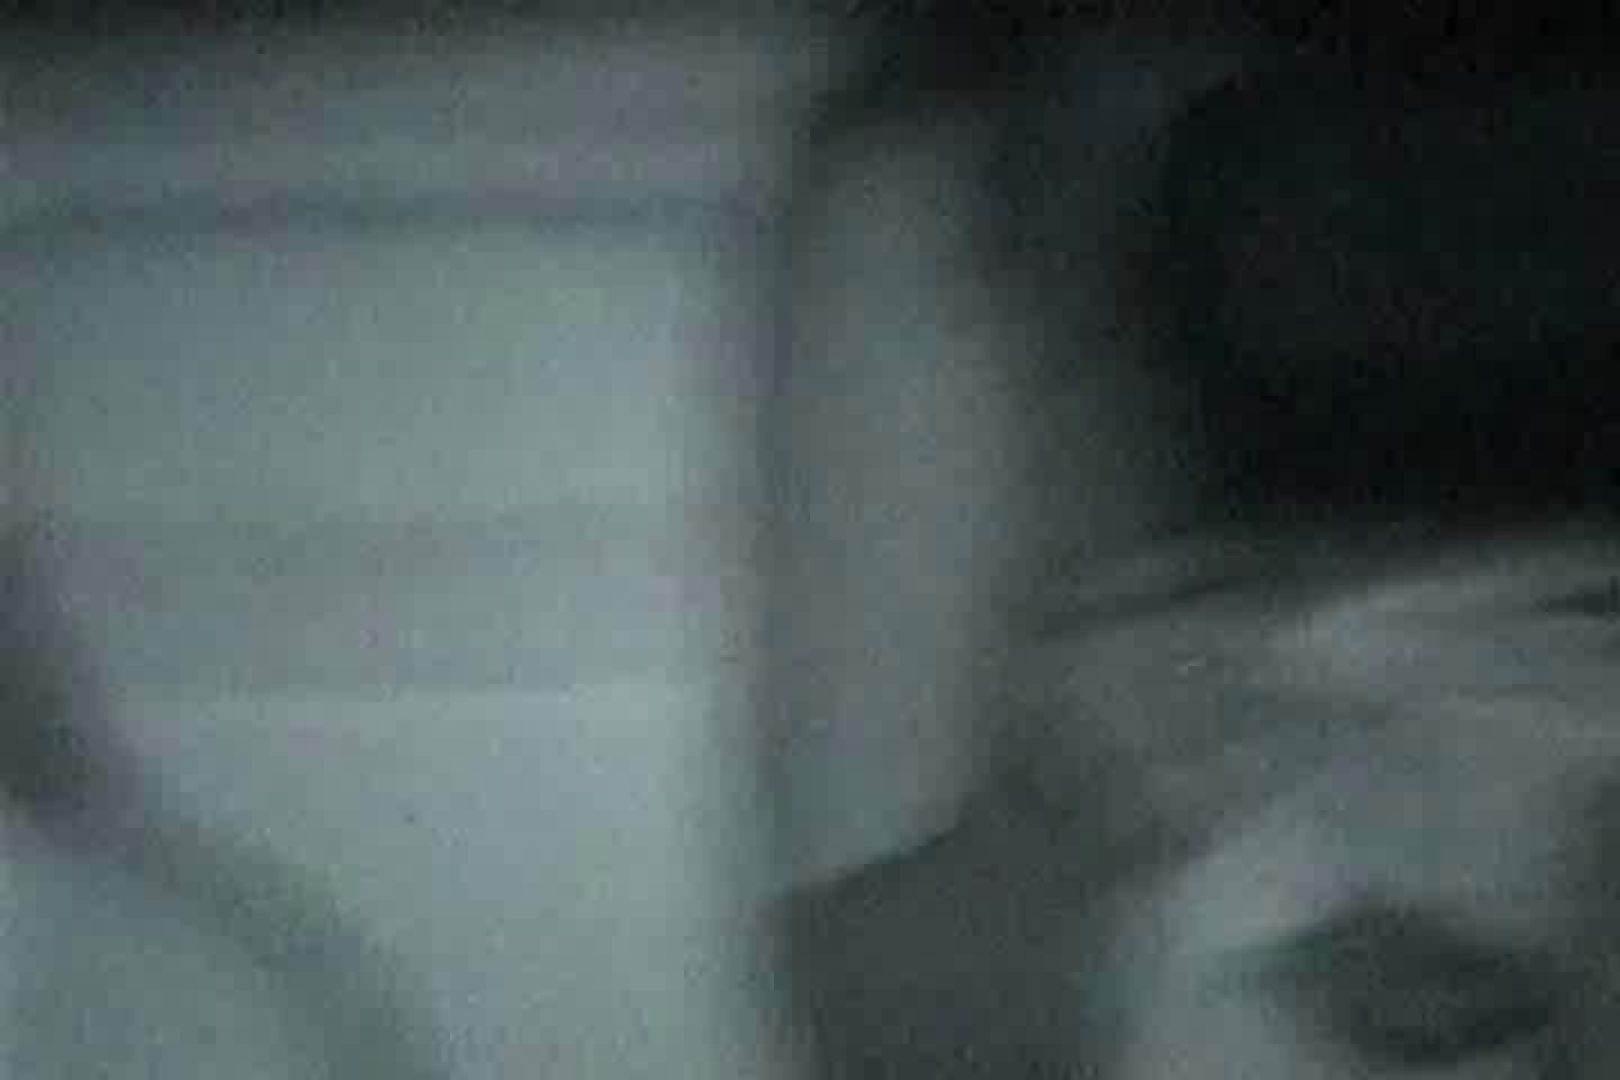 充血監督の深夜の運動会Vol.134 カップル セックス画像 103pic 41